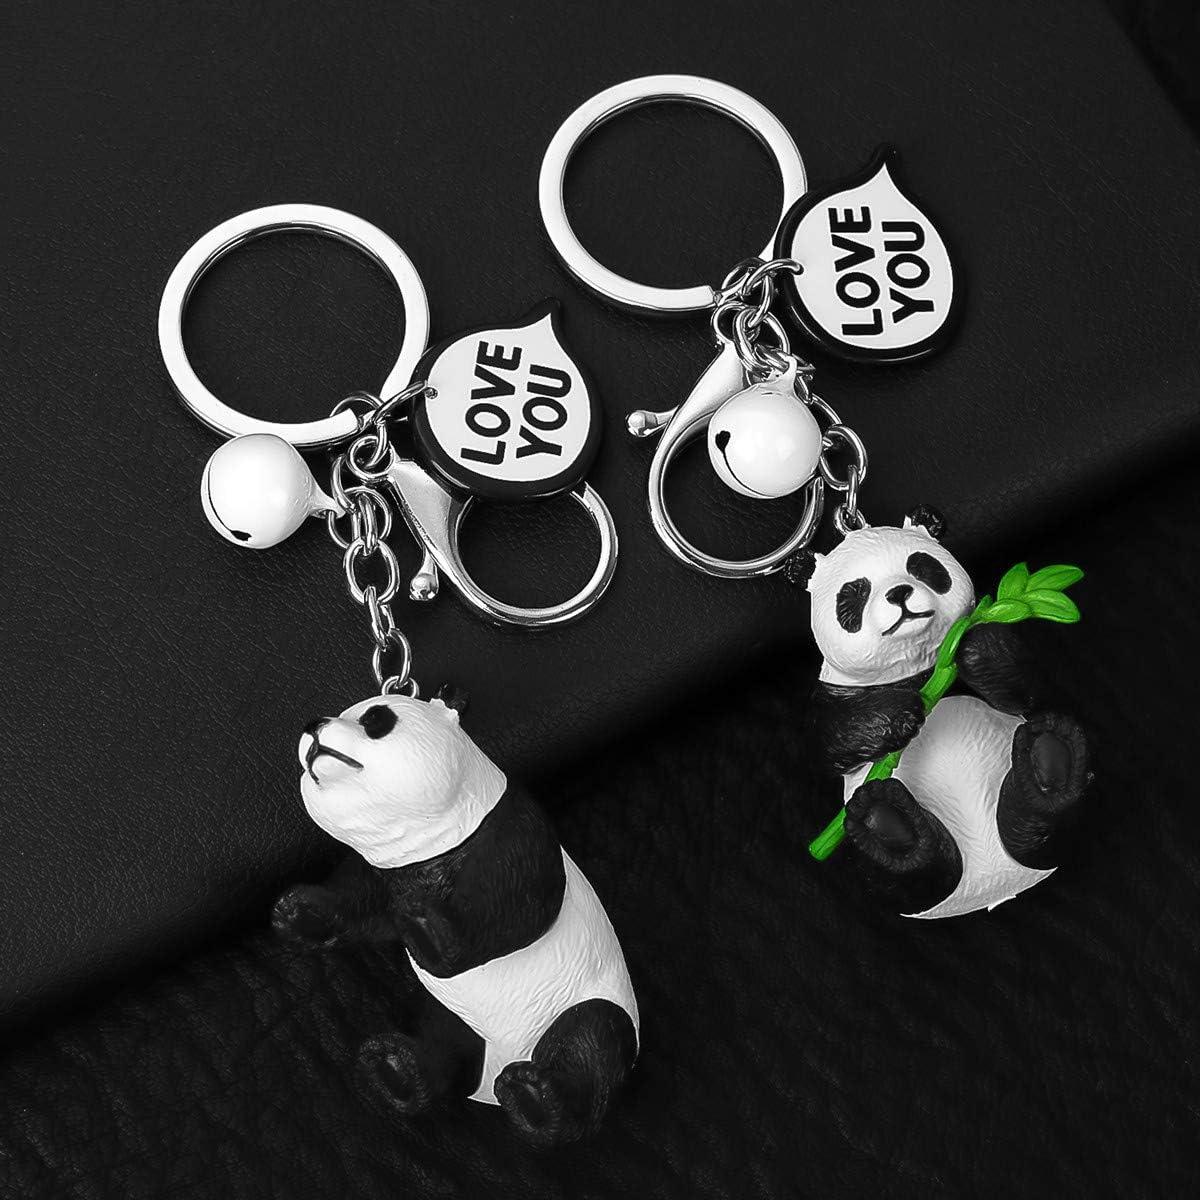 Porte-cl/és Panda Porte-cl/és Porte-cl/és Faux LAN en Cuir tress/é avec Cadeau de Porte-cl/és pour Couple Amoureux Crazy-M 2 pi/èces Panda Couple Porte-cl/és Porte-cl/és